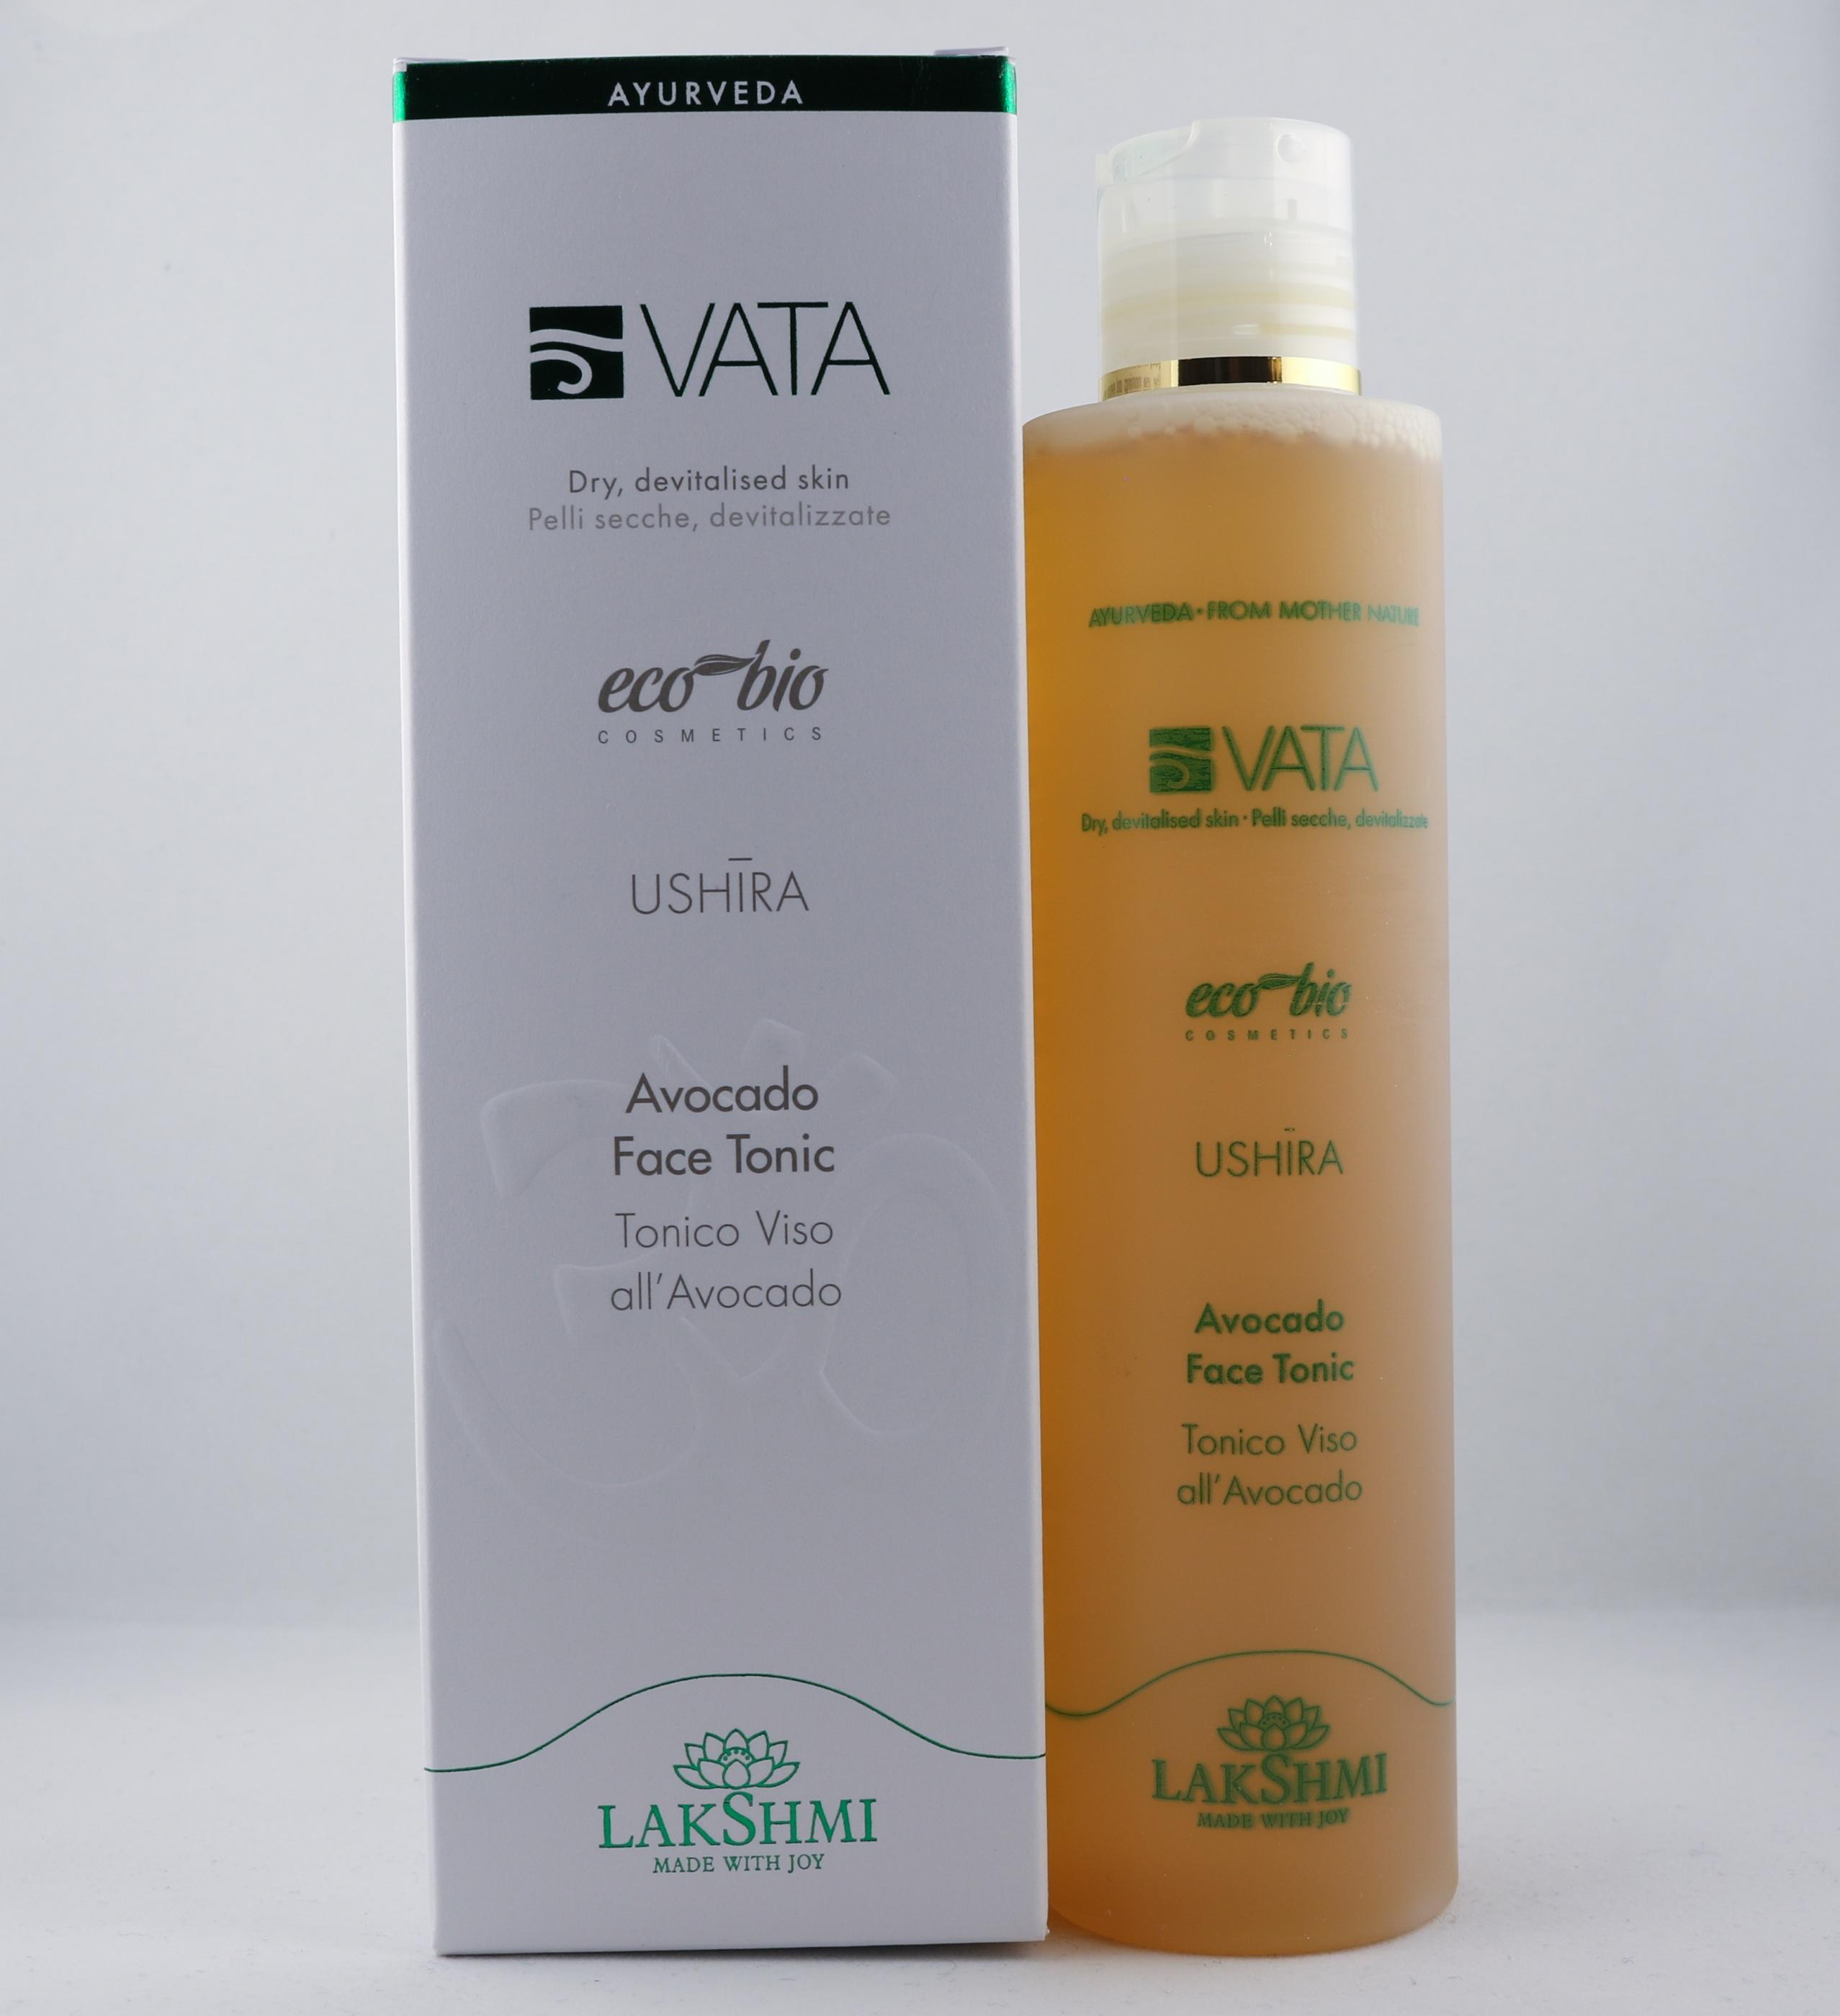 Vata Avocado Face Tonic hudvårdsprodukt hudvårdstyp alternativ hälsa wellness ayurveda ansikte